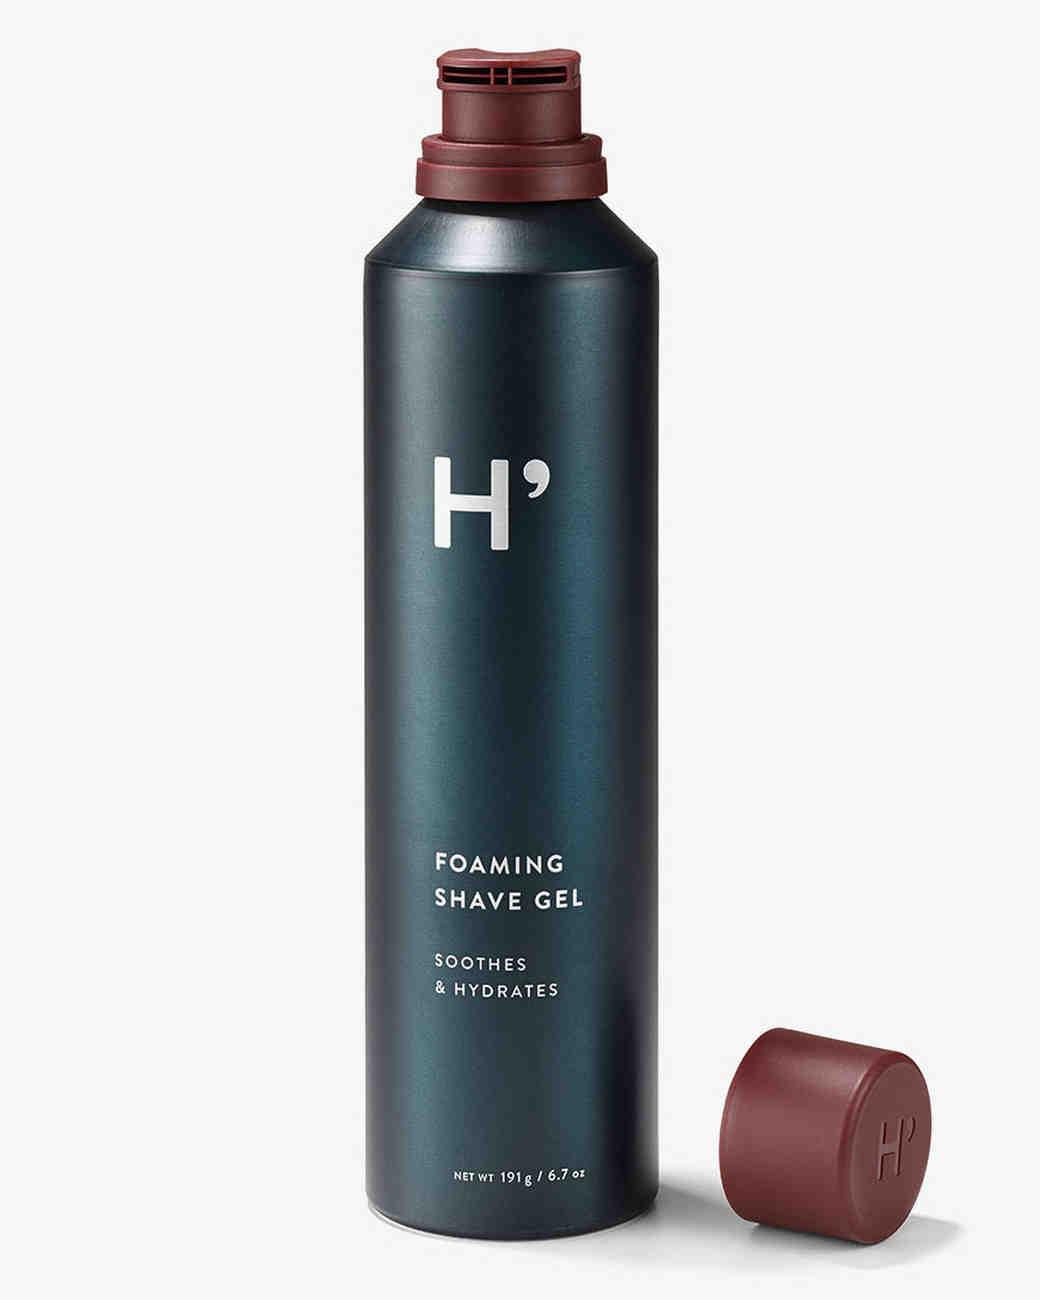 mens-grooming-products-harrys-shave-gel-1114.jpg